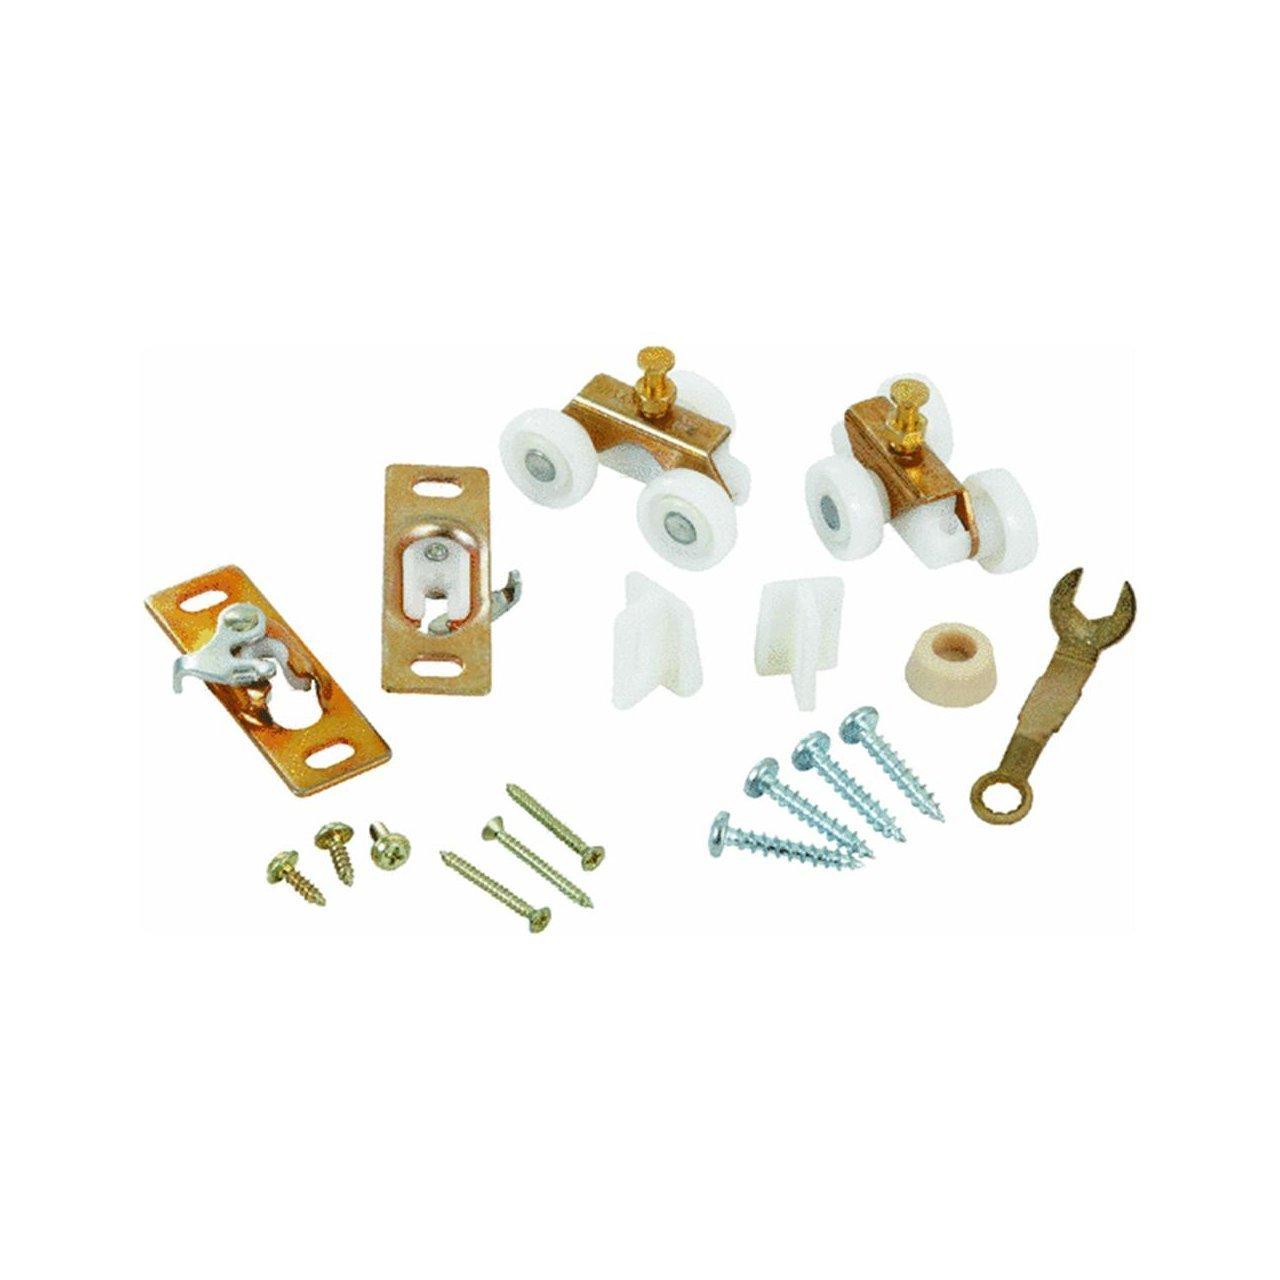 Pocket Door Replacement Hardware Kit Schillings